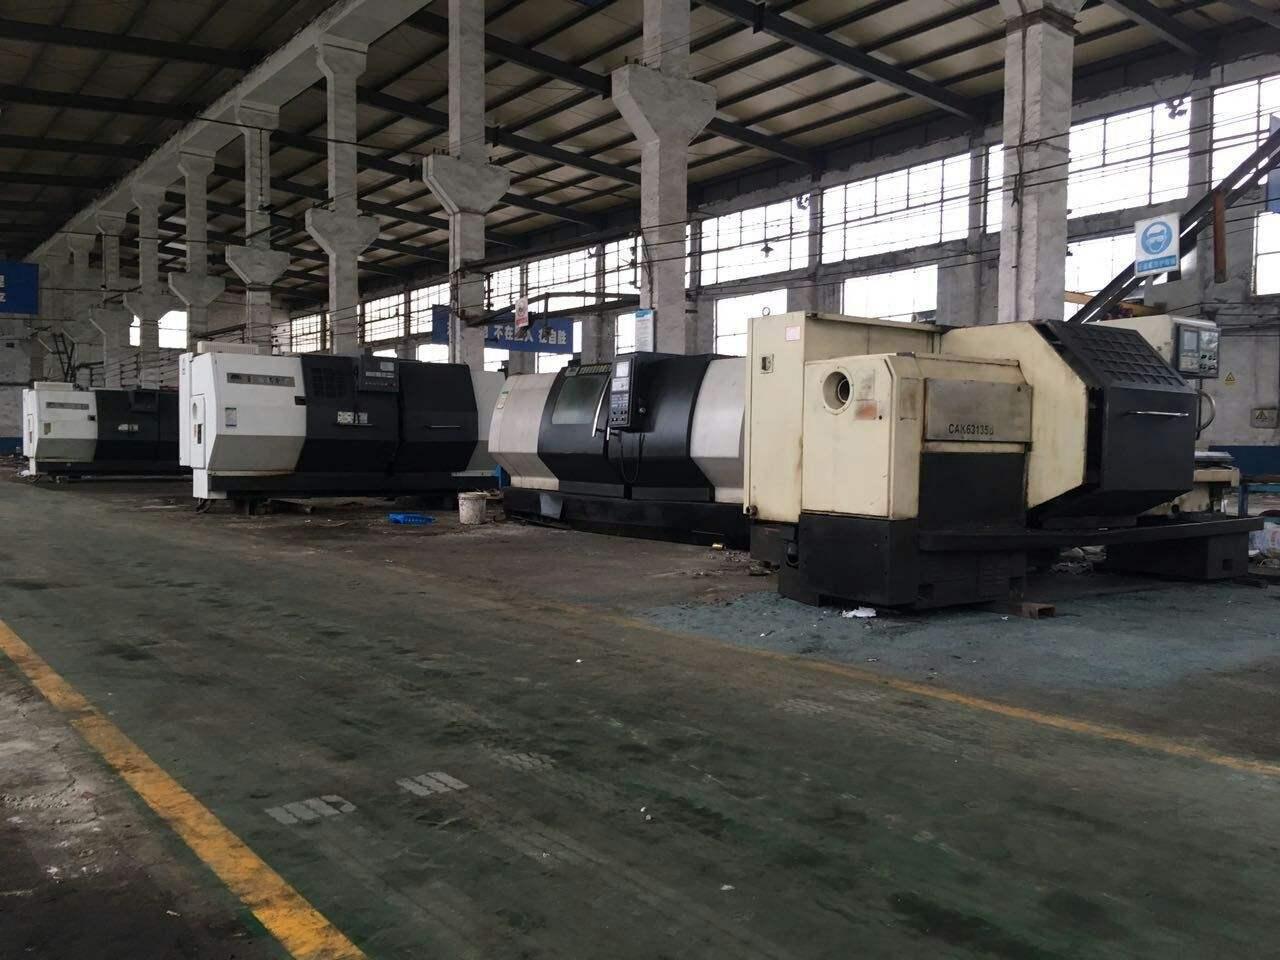 深圳市罗湖区造纸厂废料二手收购市场